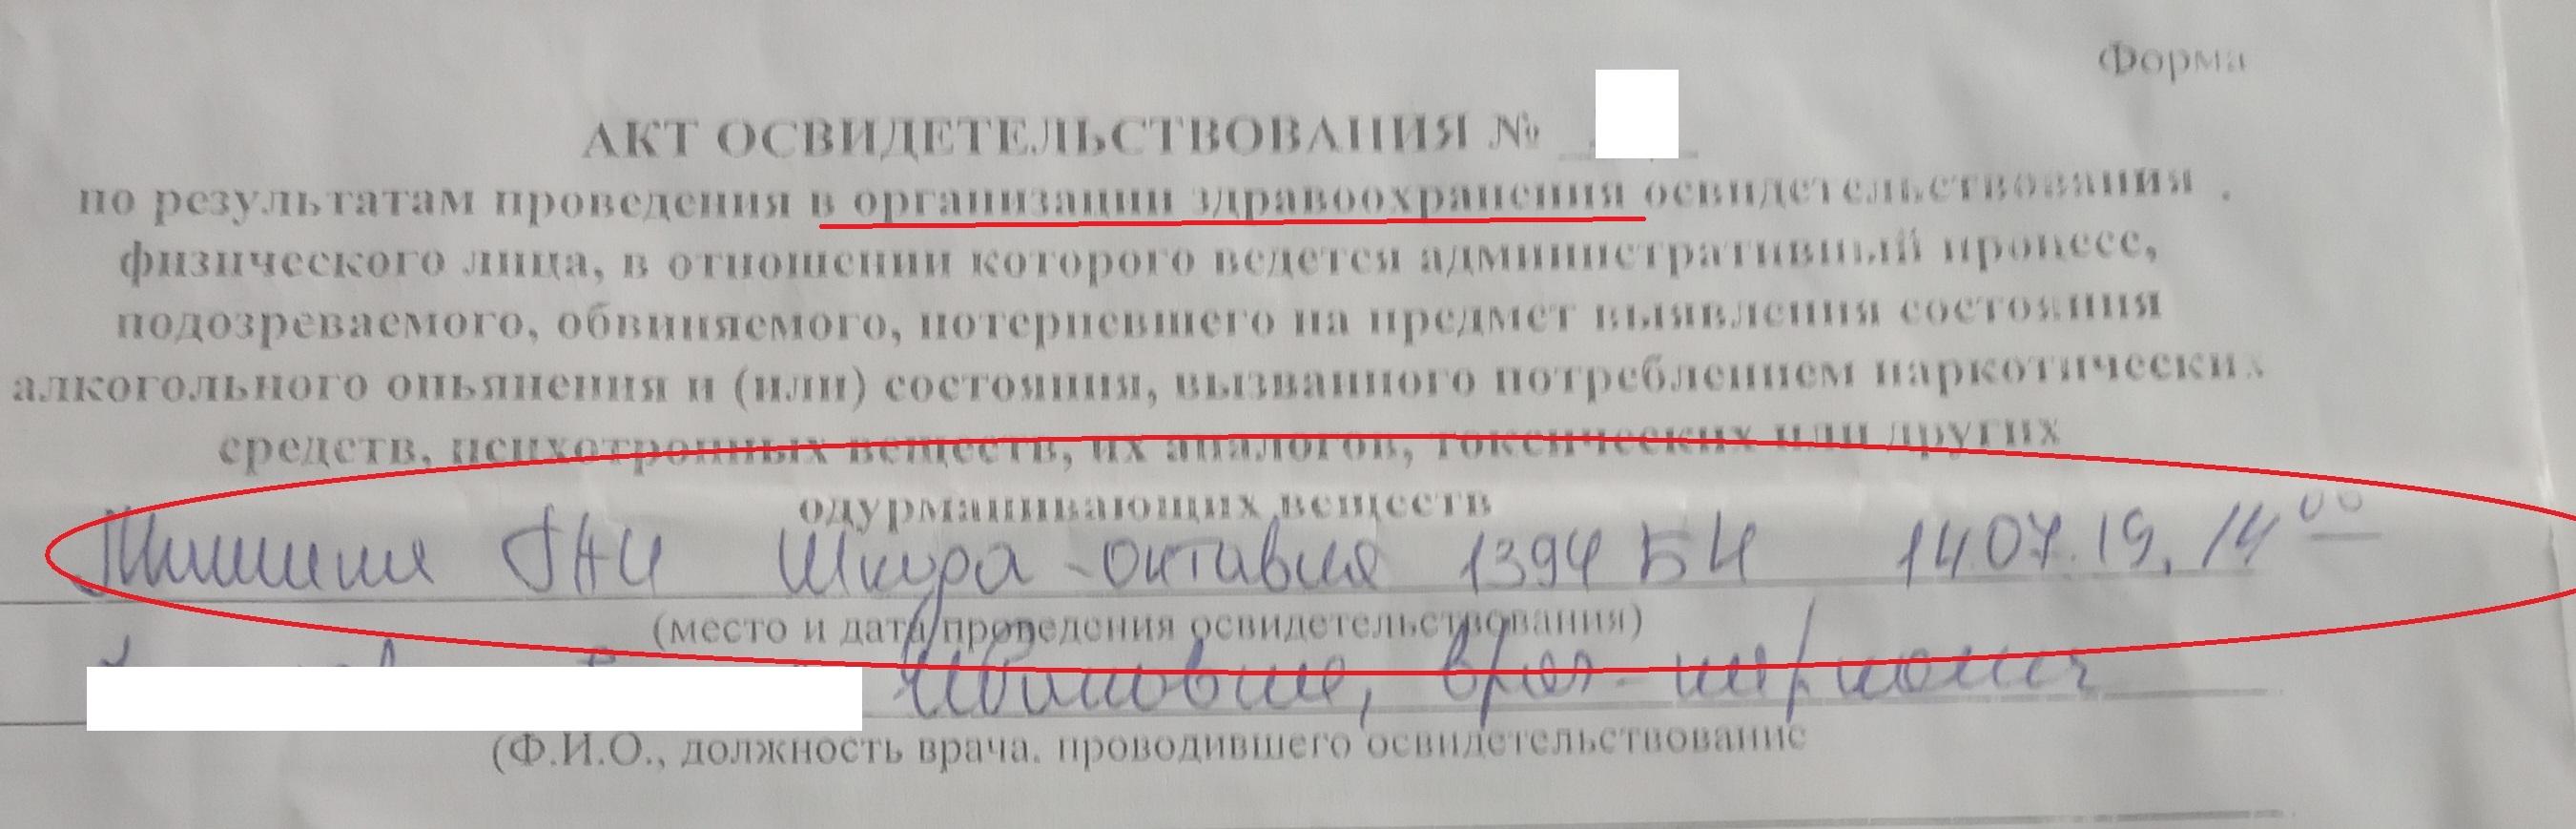 передвижной наркологический пункт, статья 18.15 (в старой редакции 18.16) КоАП, освидетельствование на алкогольное опьянение